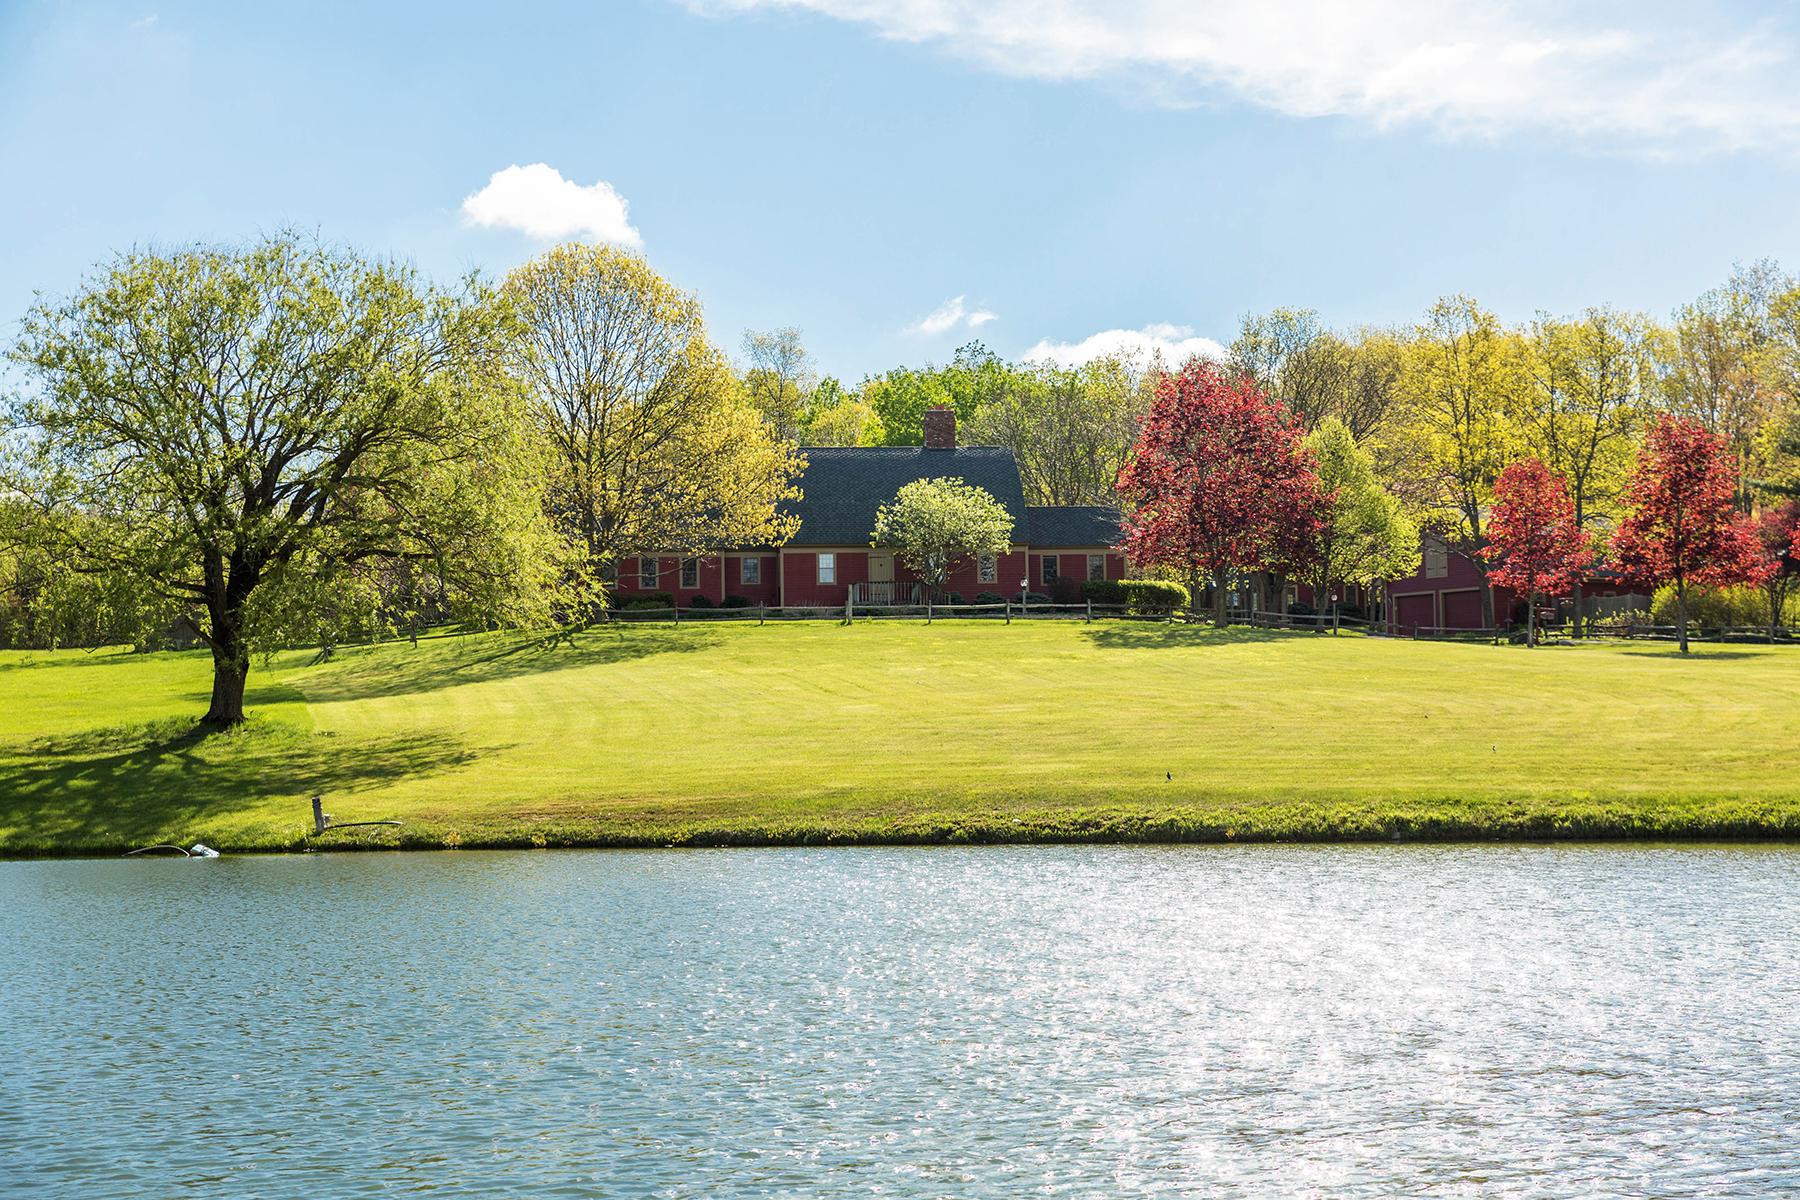 土地 为 销售 在 Glenville Estate With Phenomenal Views 1262 Gower Rd 格林维尔, 纽约州 12302 美国